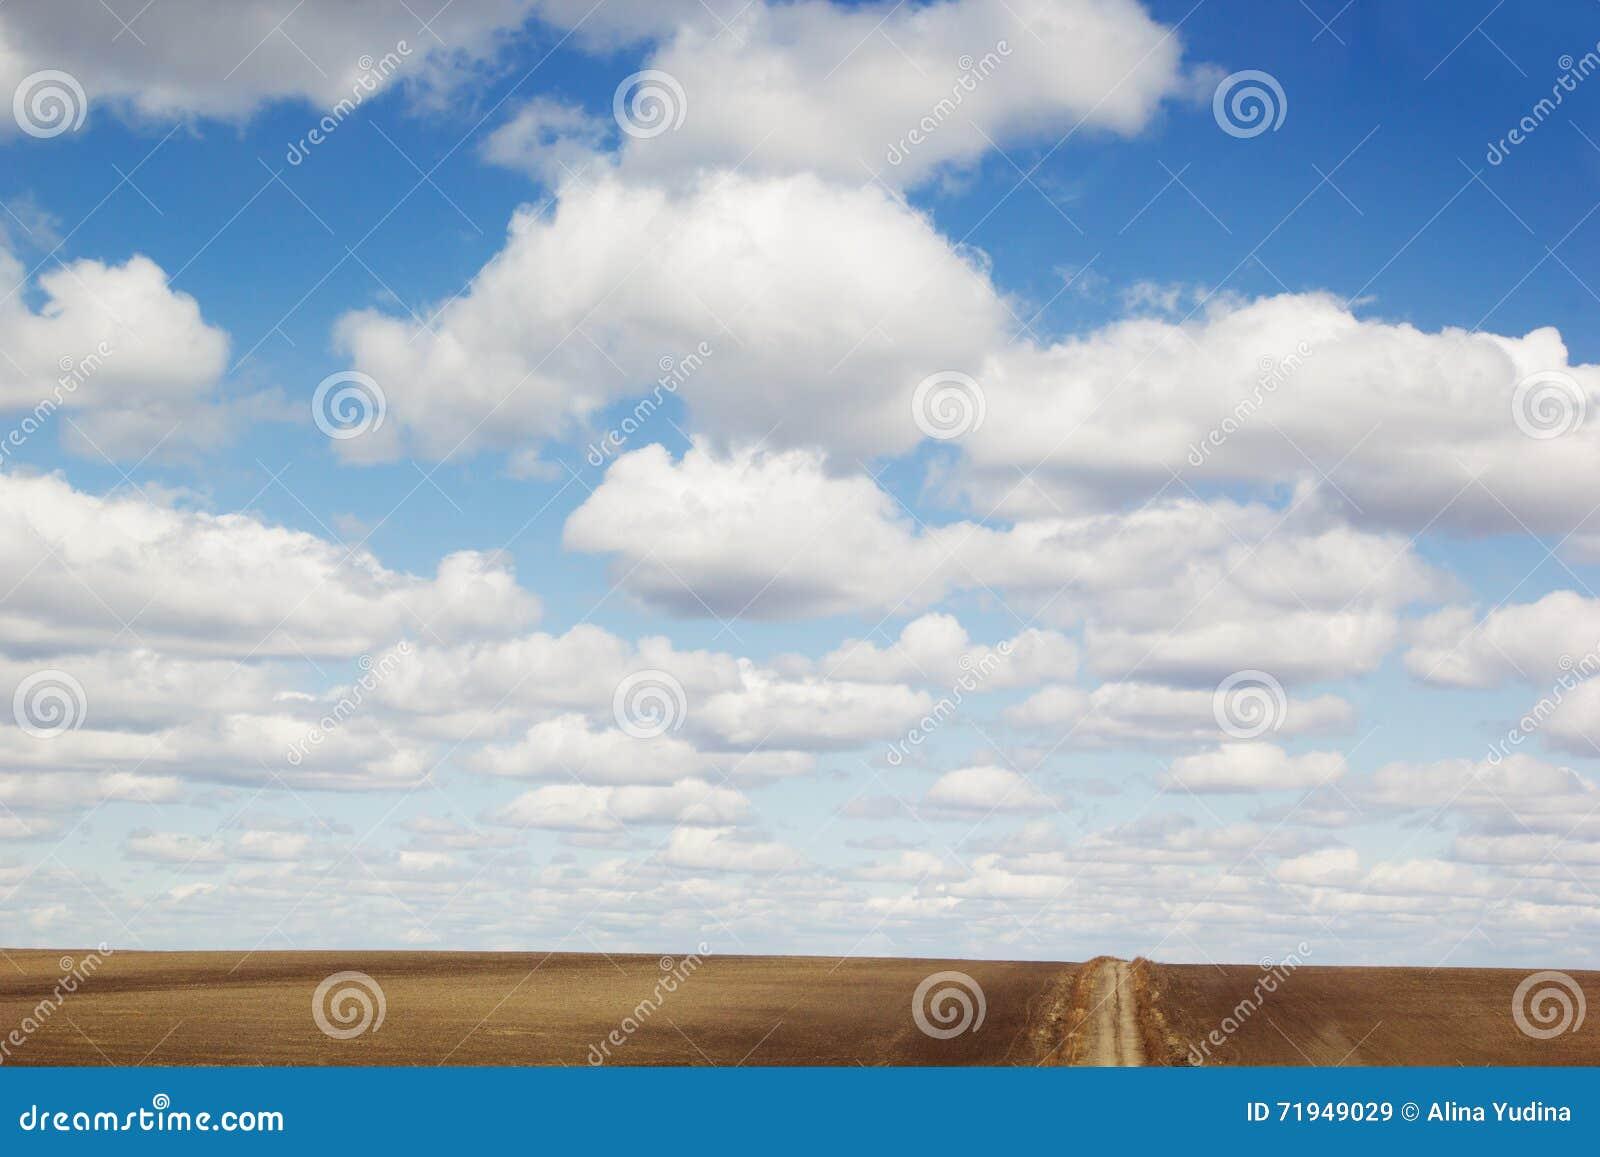 Предпосылка голубого неба с мягкими шелковистыми облаками, полем прокладки и дорогой